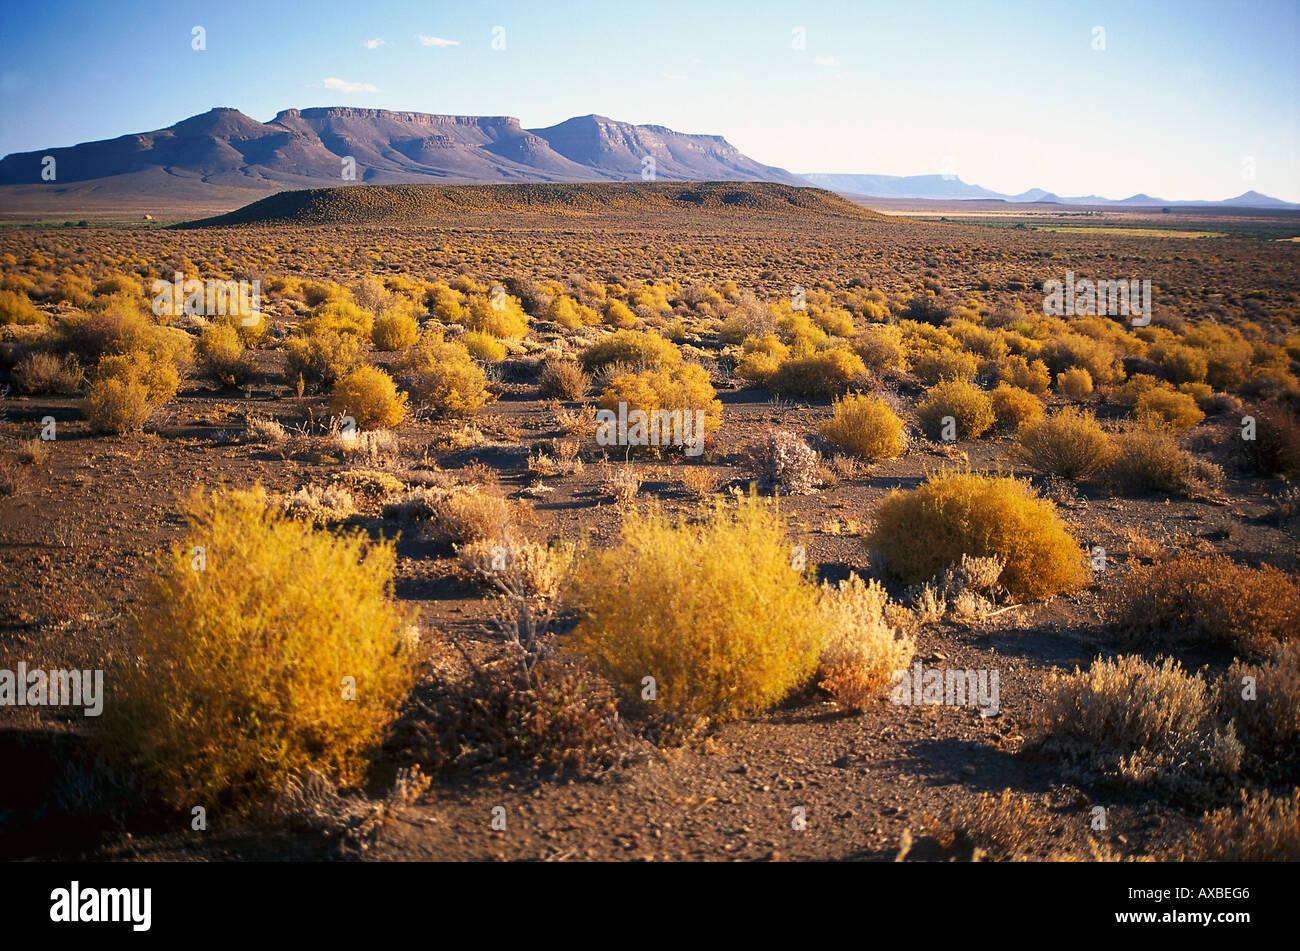 Adobe Mountain Desert Park  Sahuaro Central Home